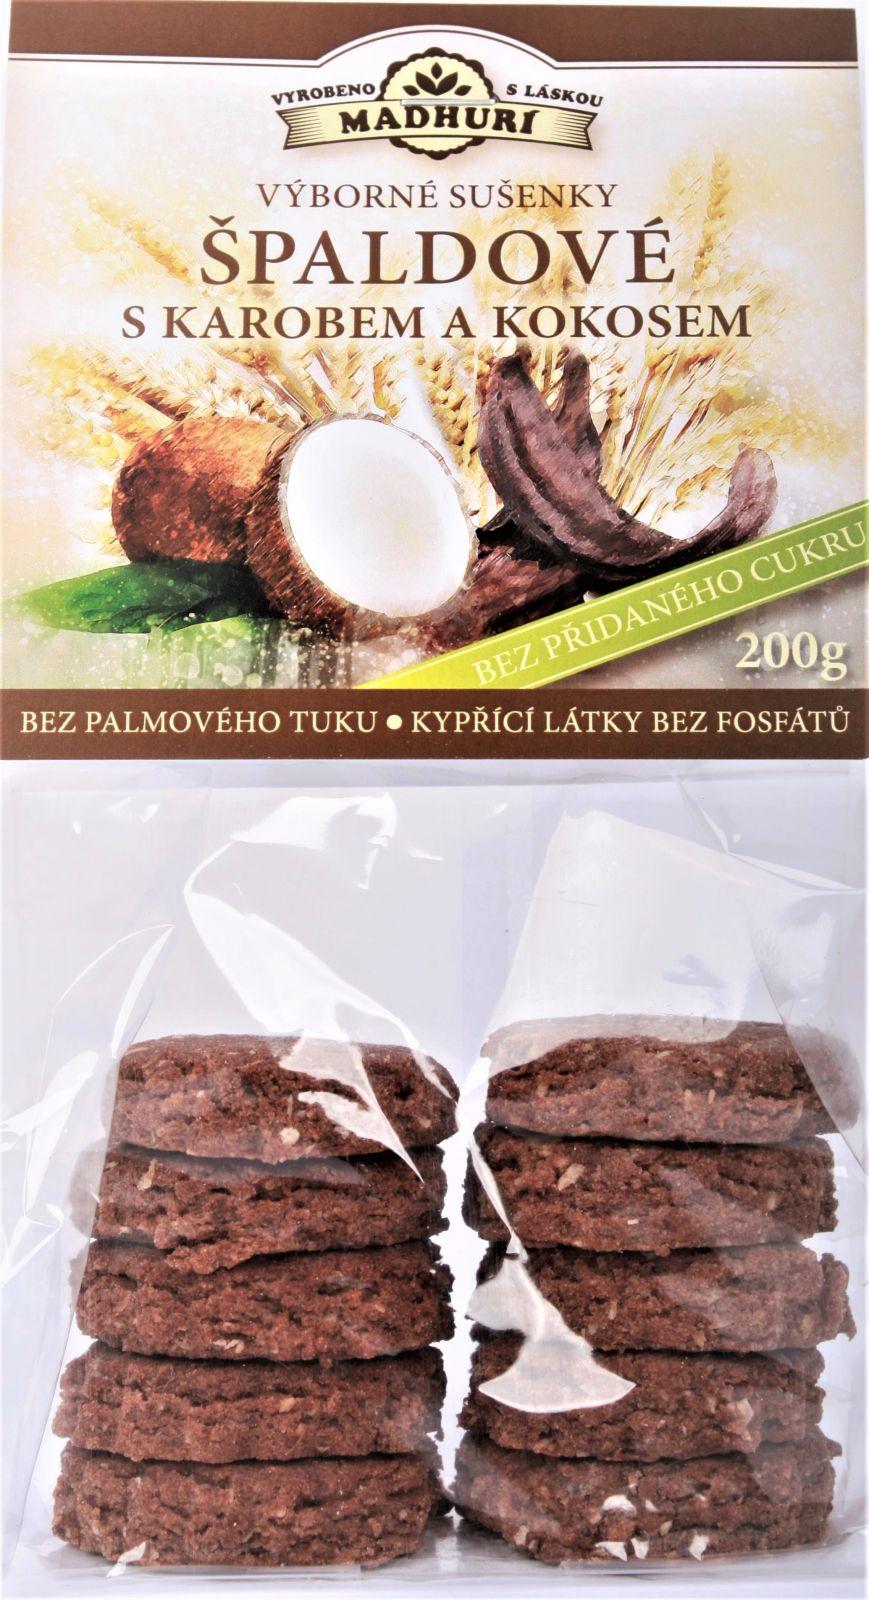 Špaldové měkké sušenky s Karobem a kokosem bez přidaného cukru